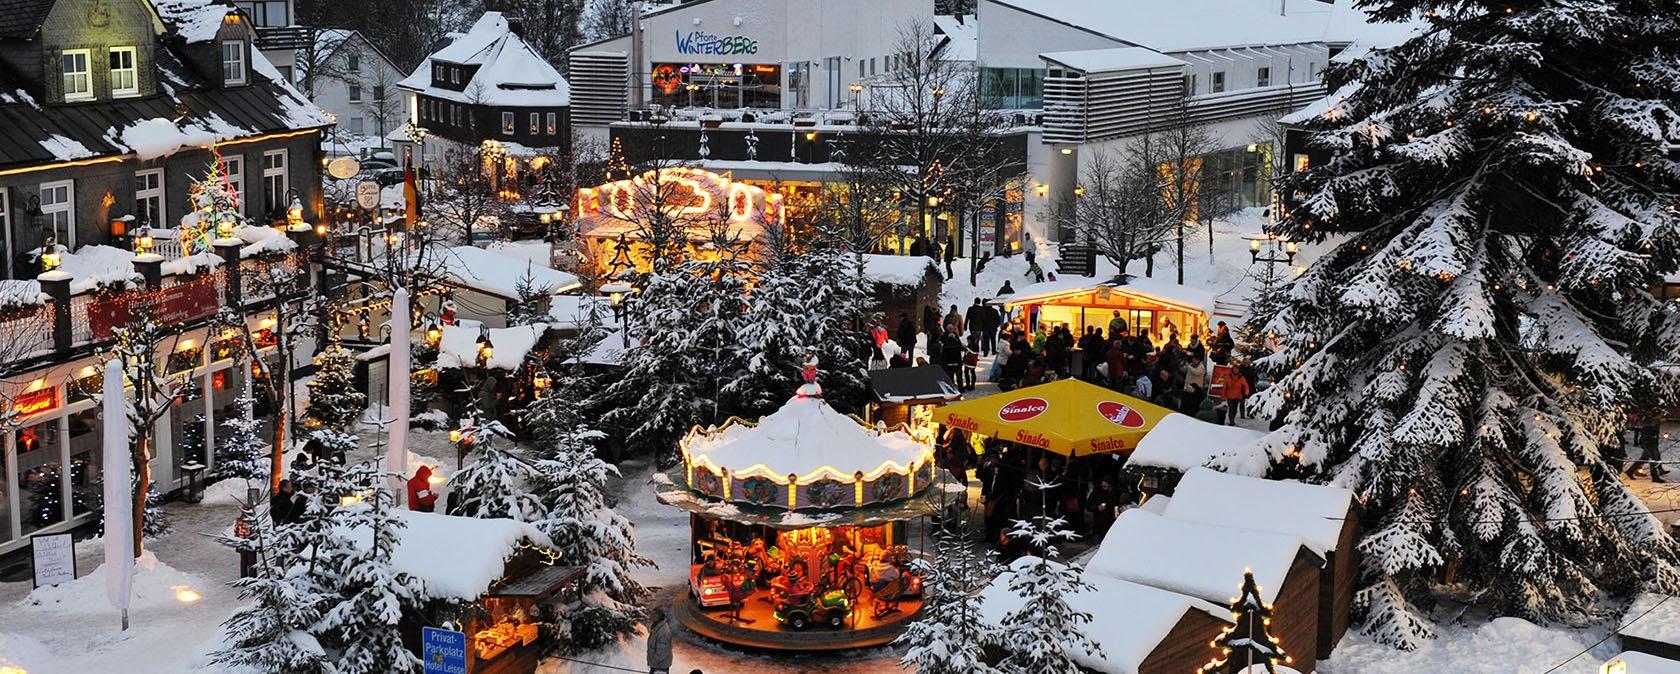 kerstmarkt-in-winterberg